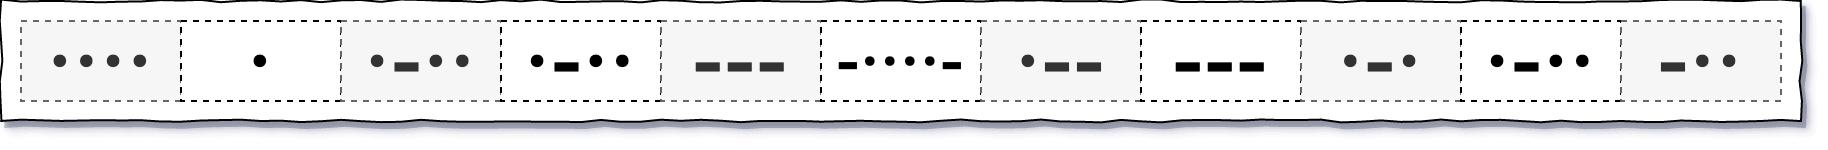 日常看到的 hello world 的摩尔斯码